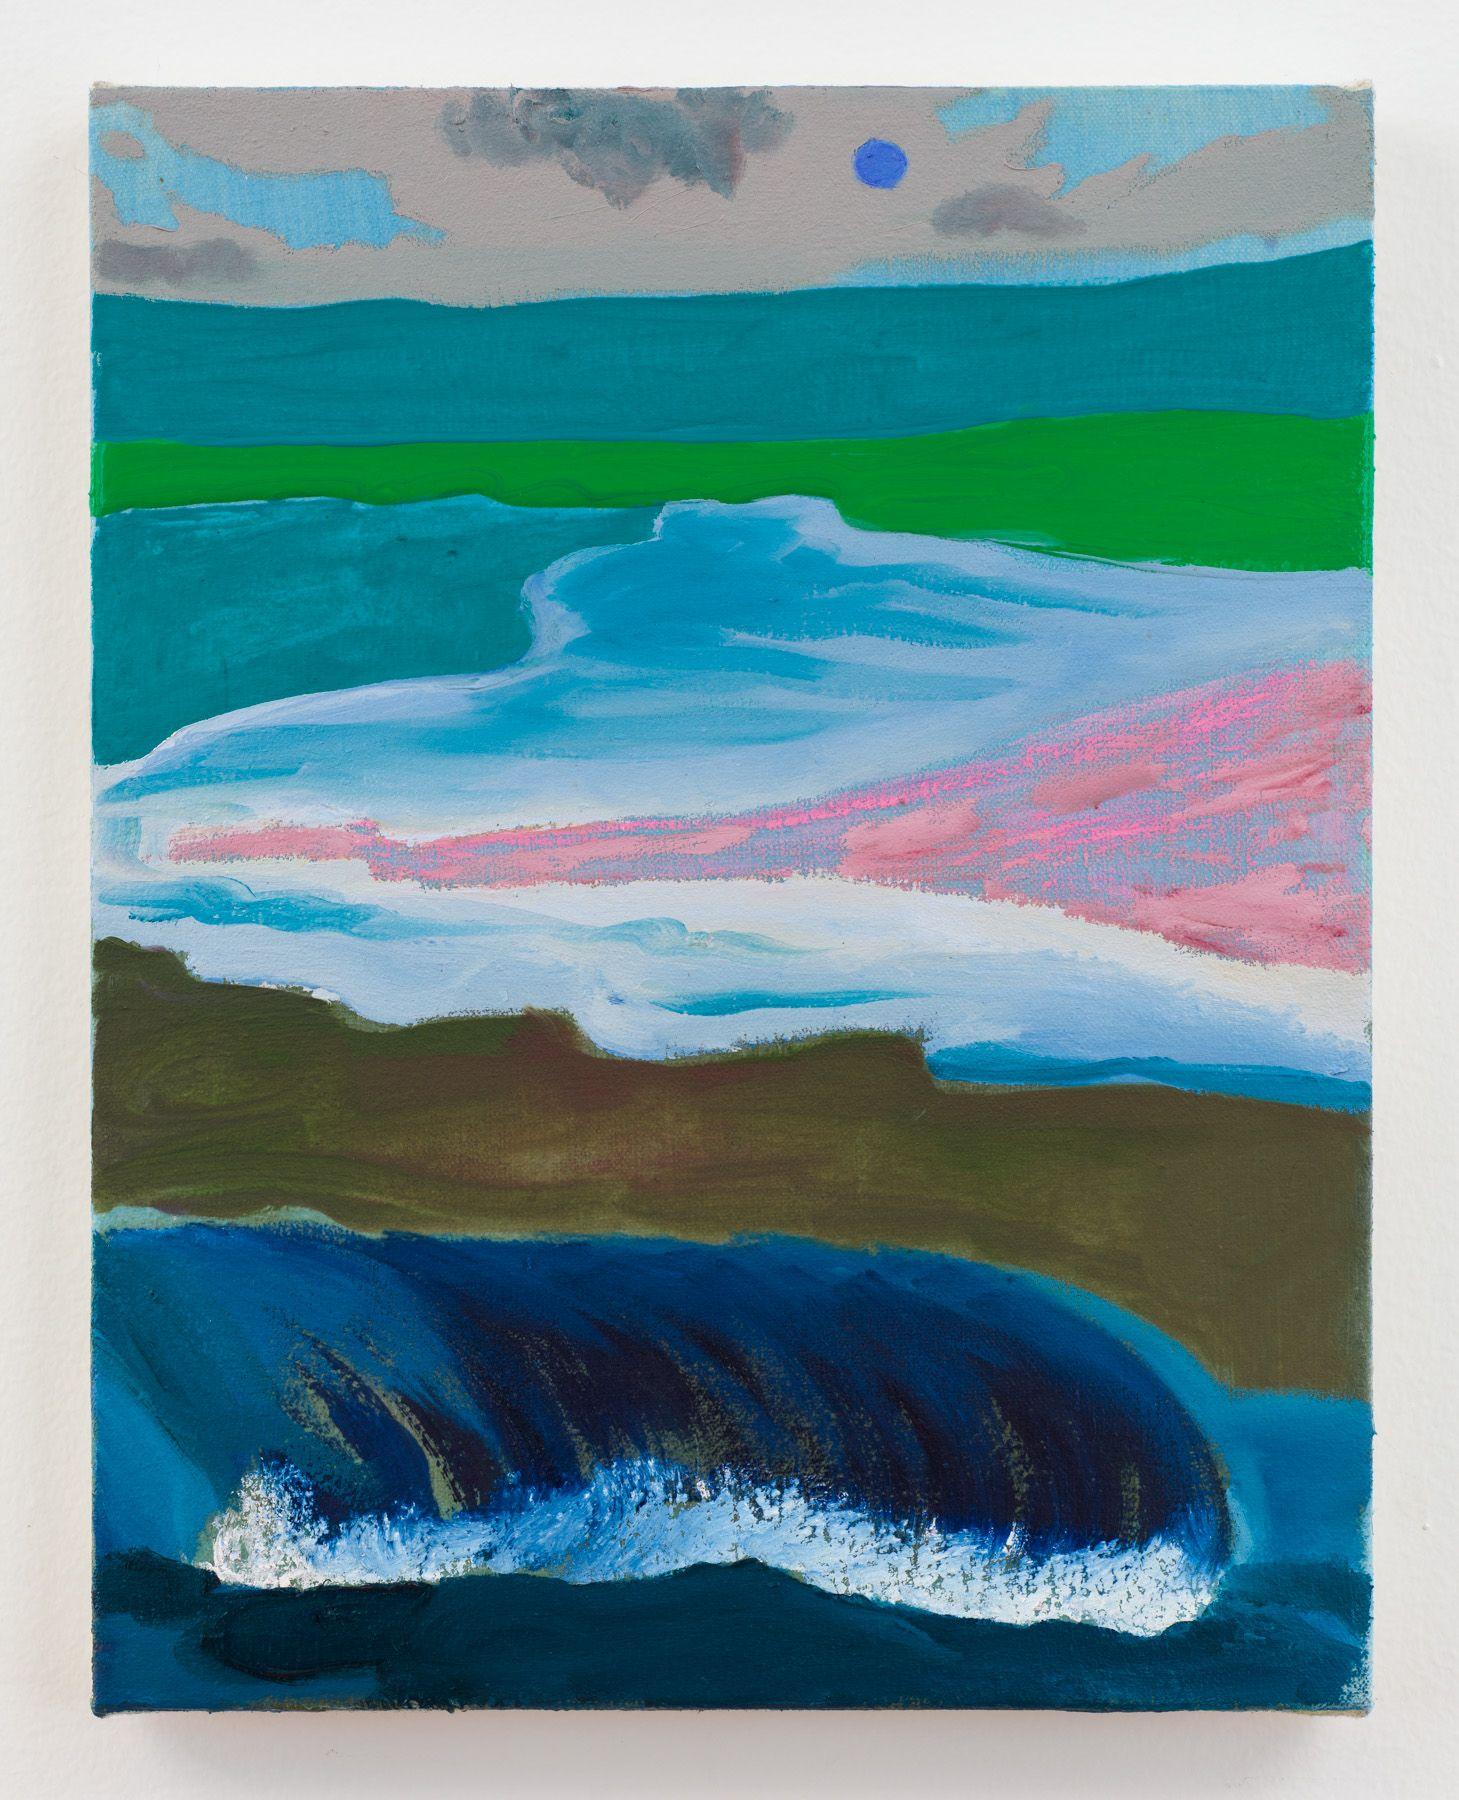 Crash, 2018 Oil and acrylic on canvas